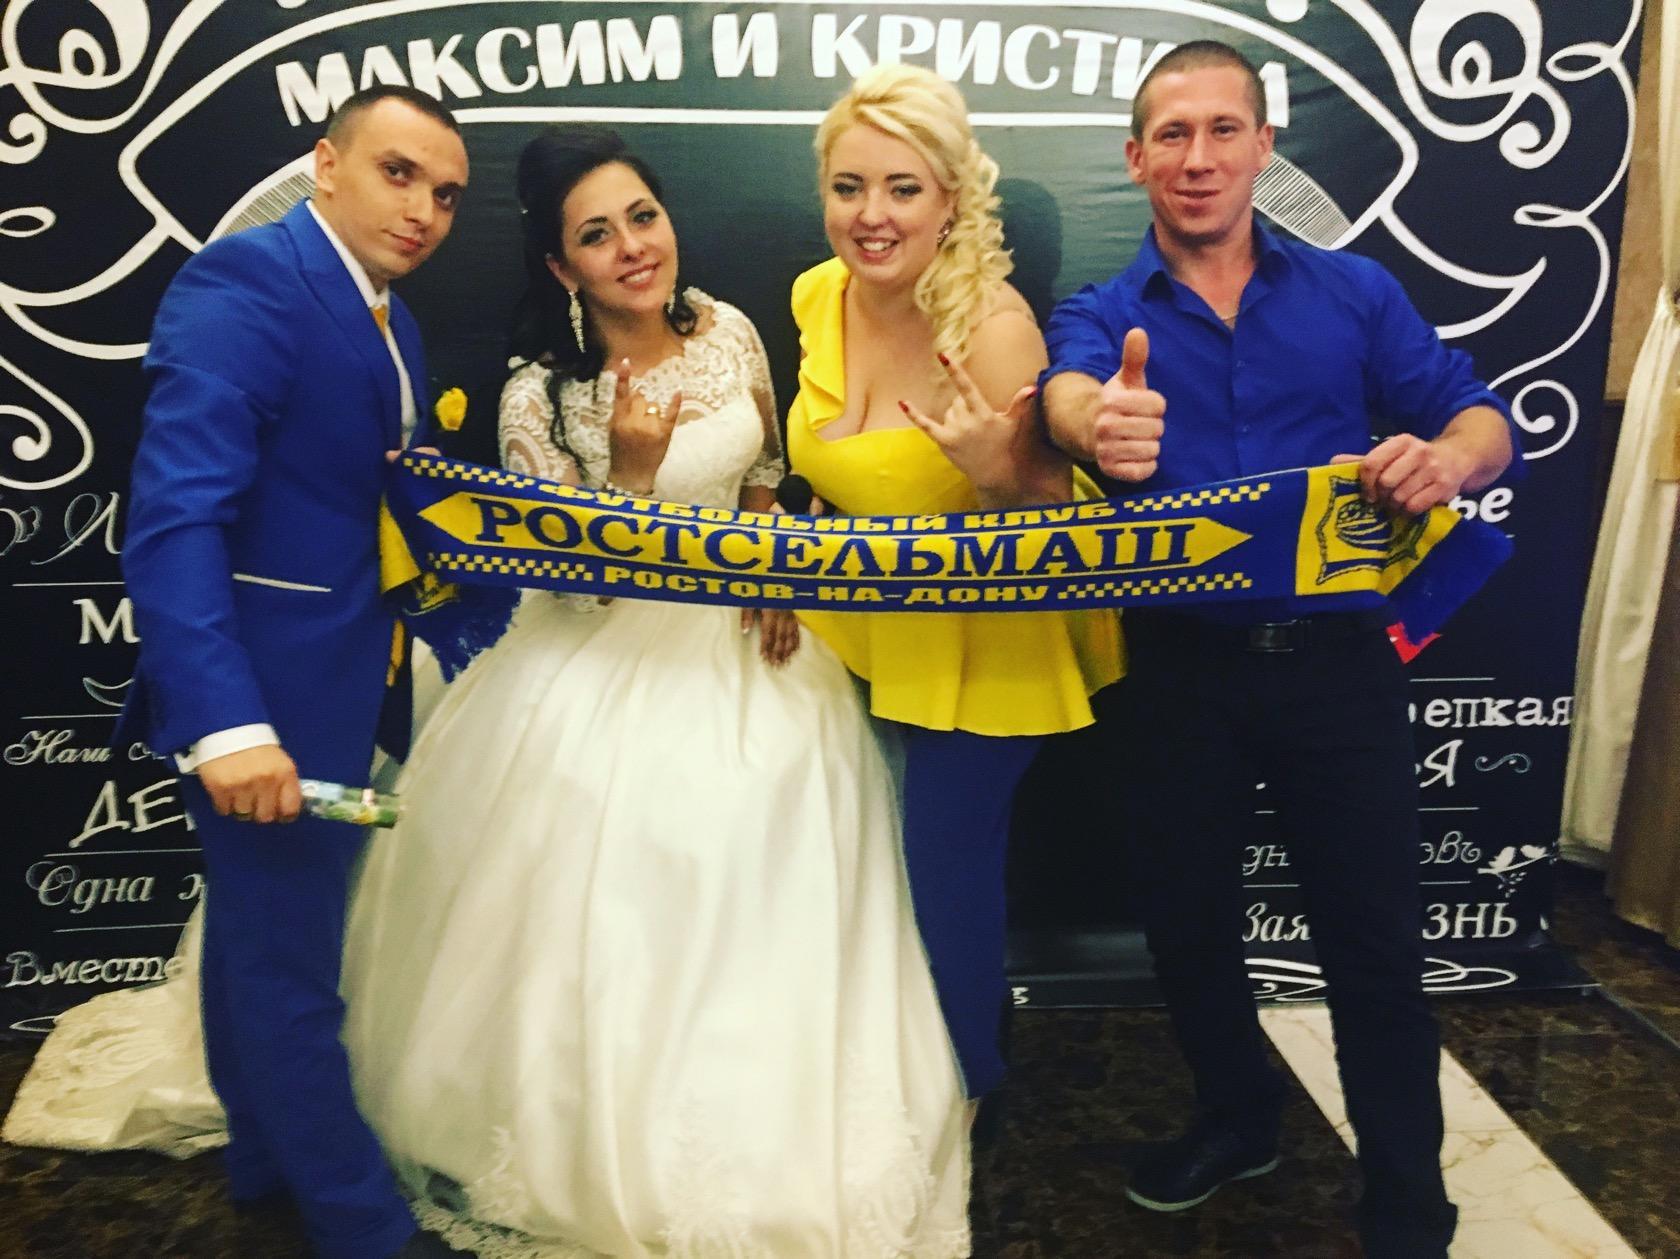 Кристина Поженни в Ростове-на-Дону